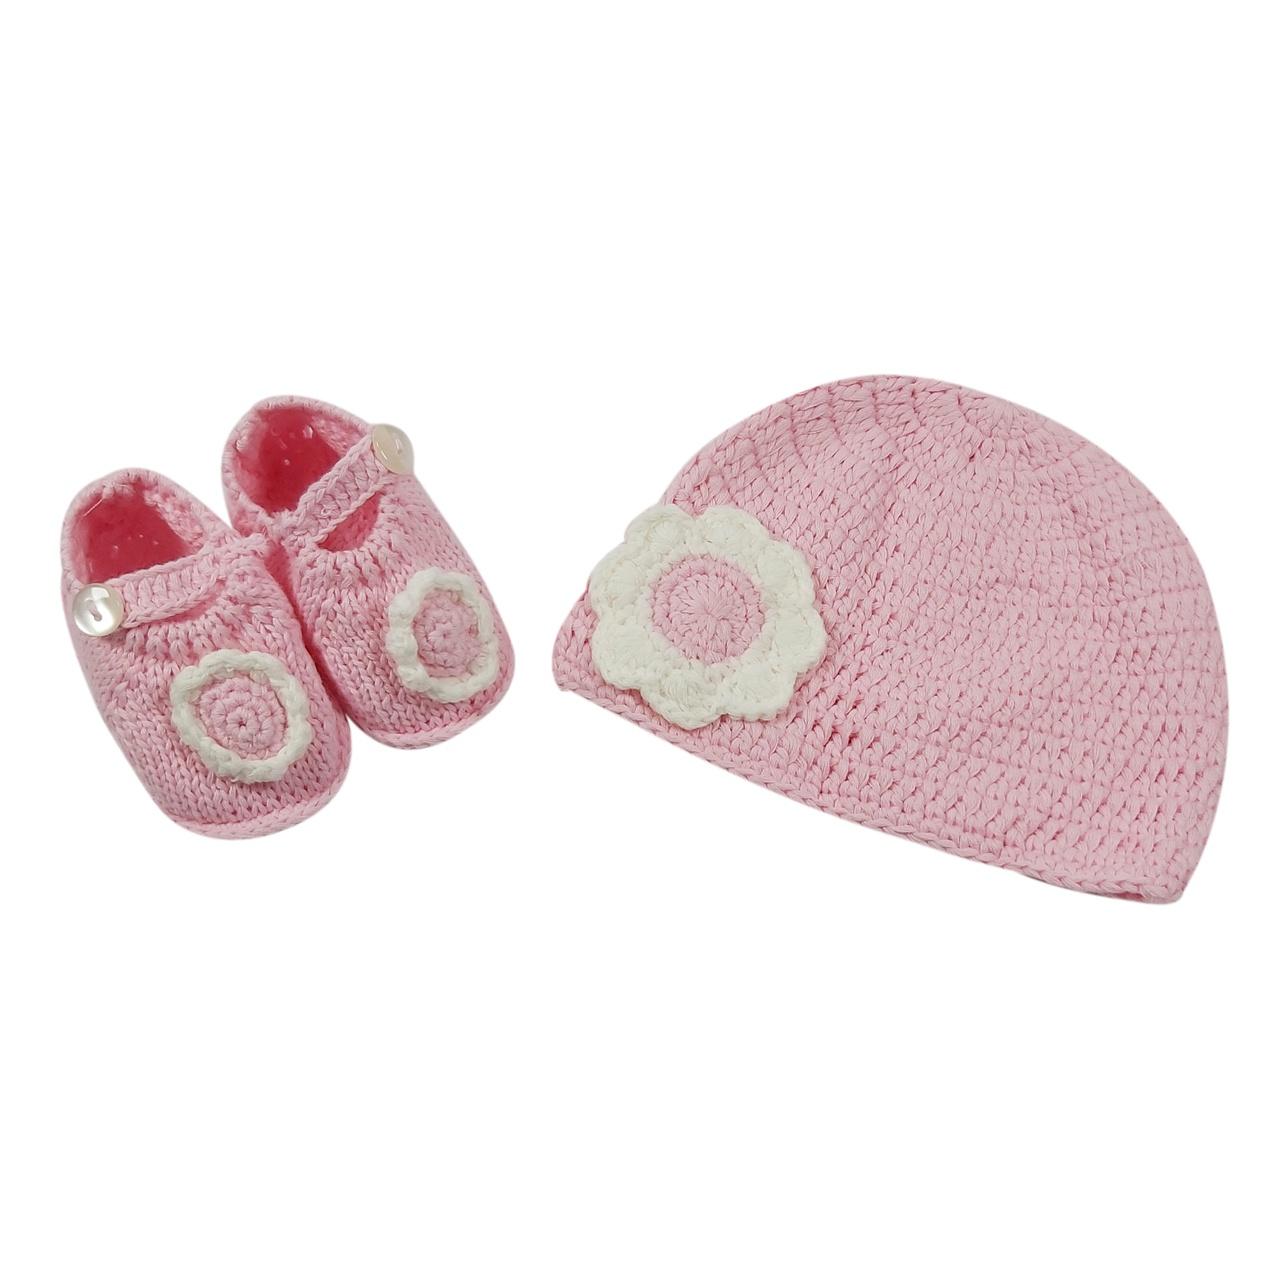 ست کلاه و پاپوش بافتنی نوزاد مدل 2-6725